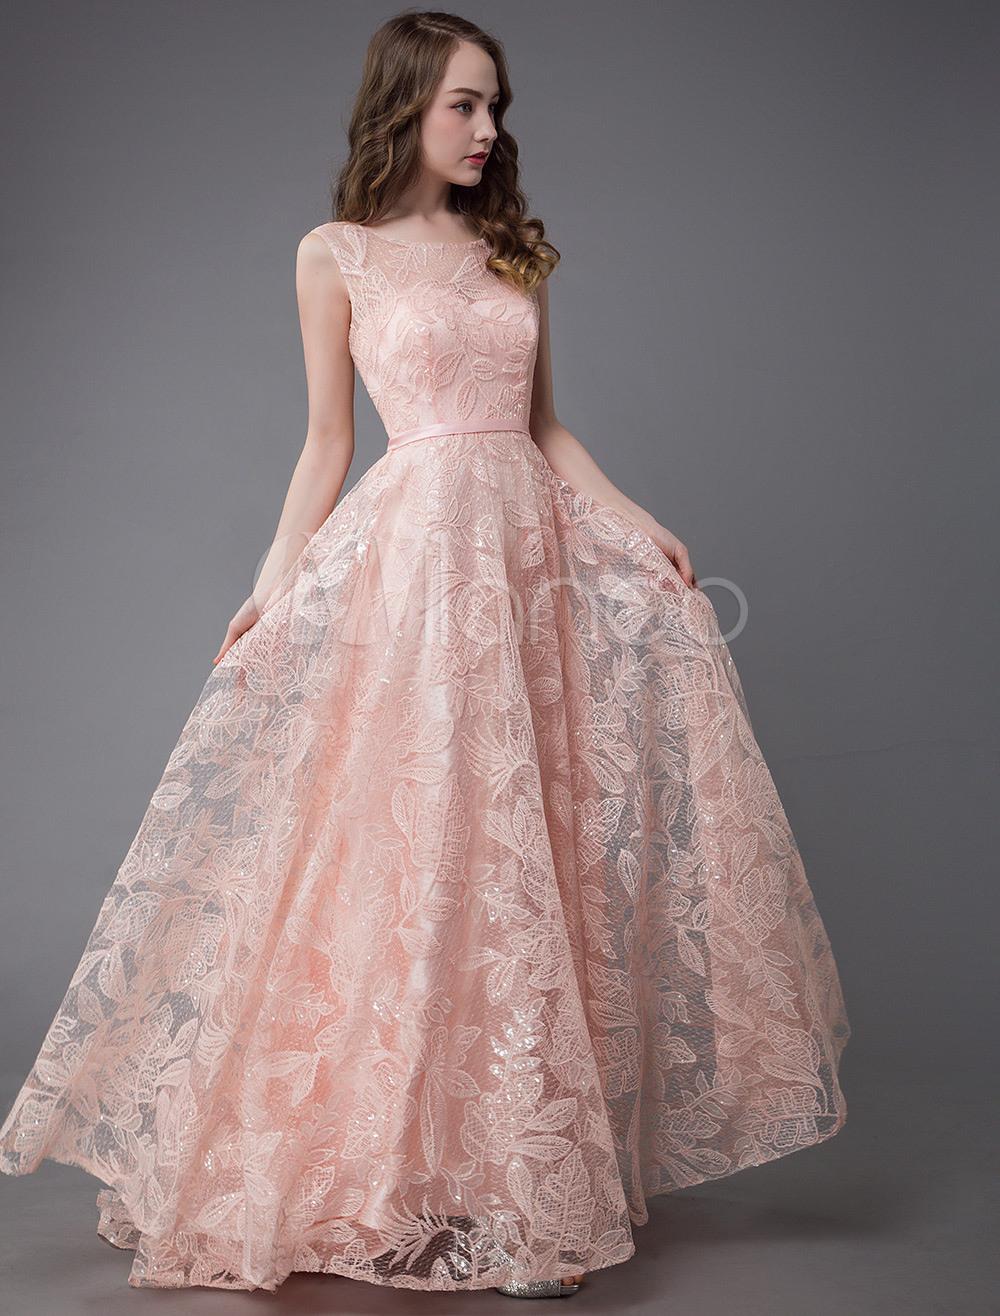 20 Ausgezeichnet Rosa Abend Kleider GalerieDesigner Wunderbar Rosa Abend Kleider Bester Preis